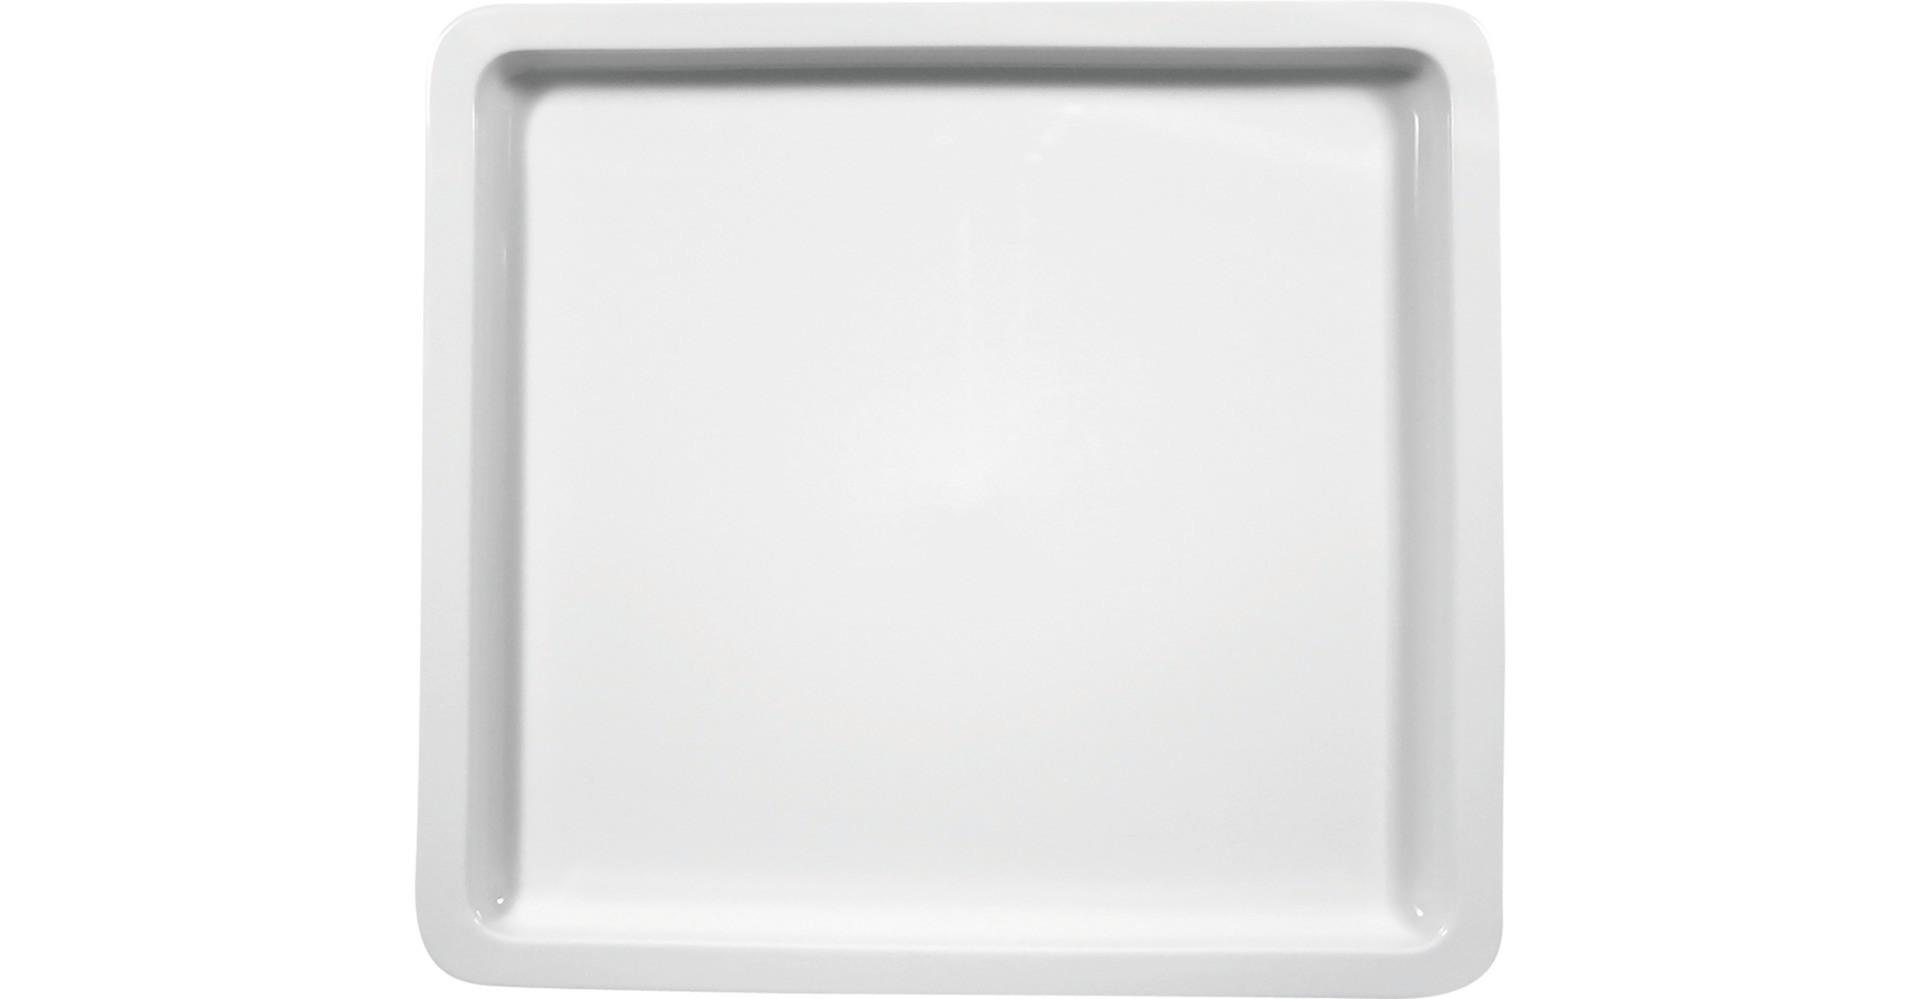 Buffet Gourmet, GN-Behälter GN 2/3 354 x 325 x 20 mm / 1,70 l